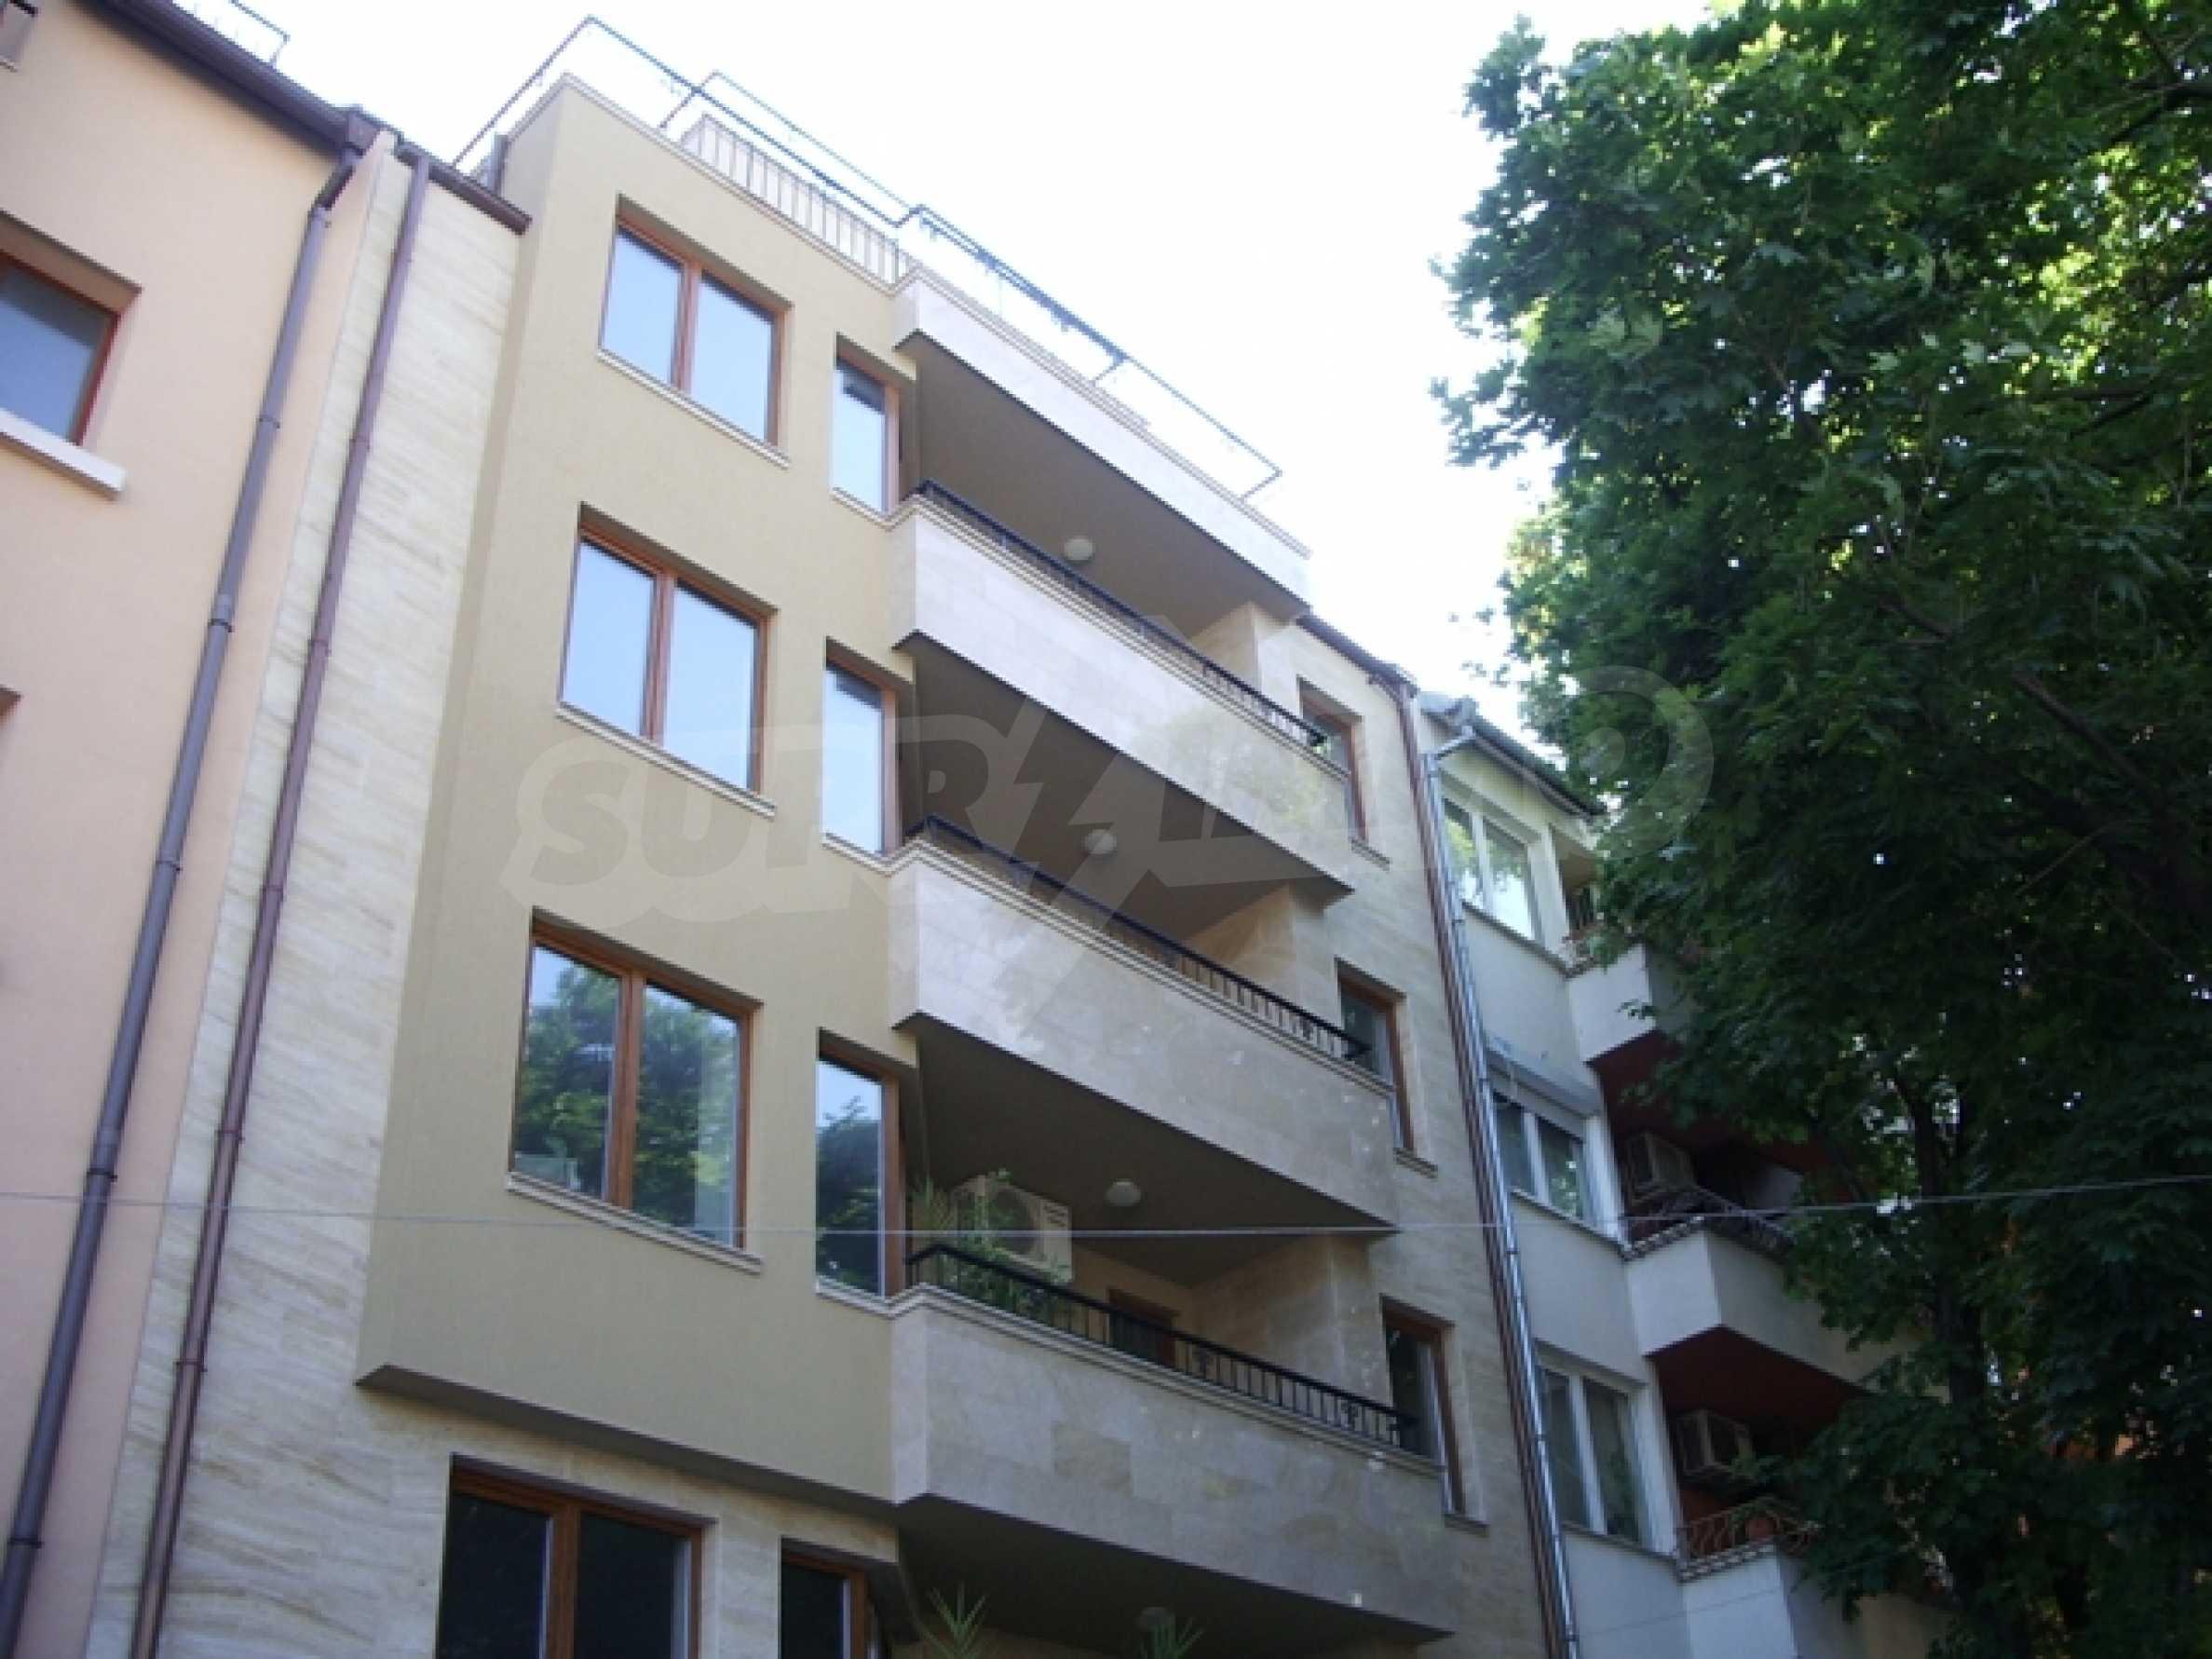 Апартаменти и офис в стилна сграда 1